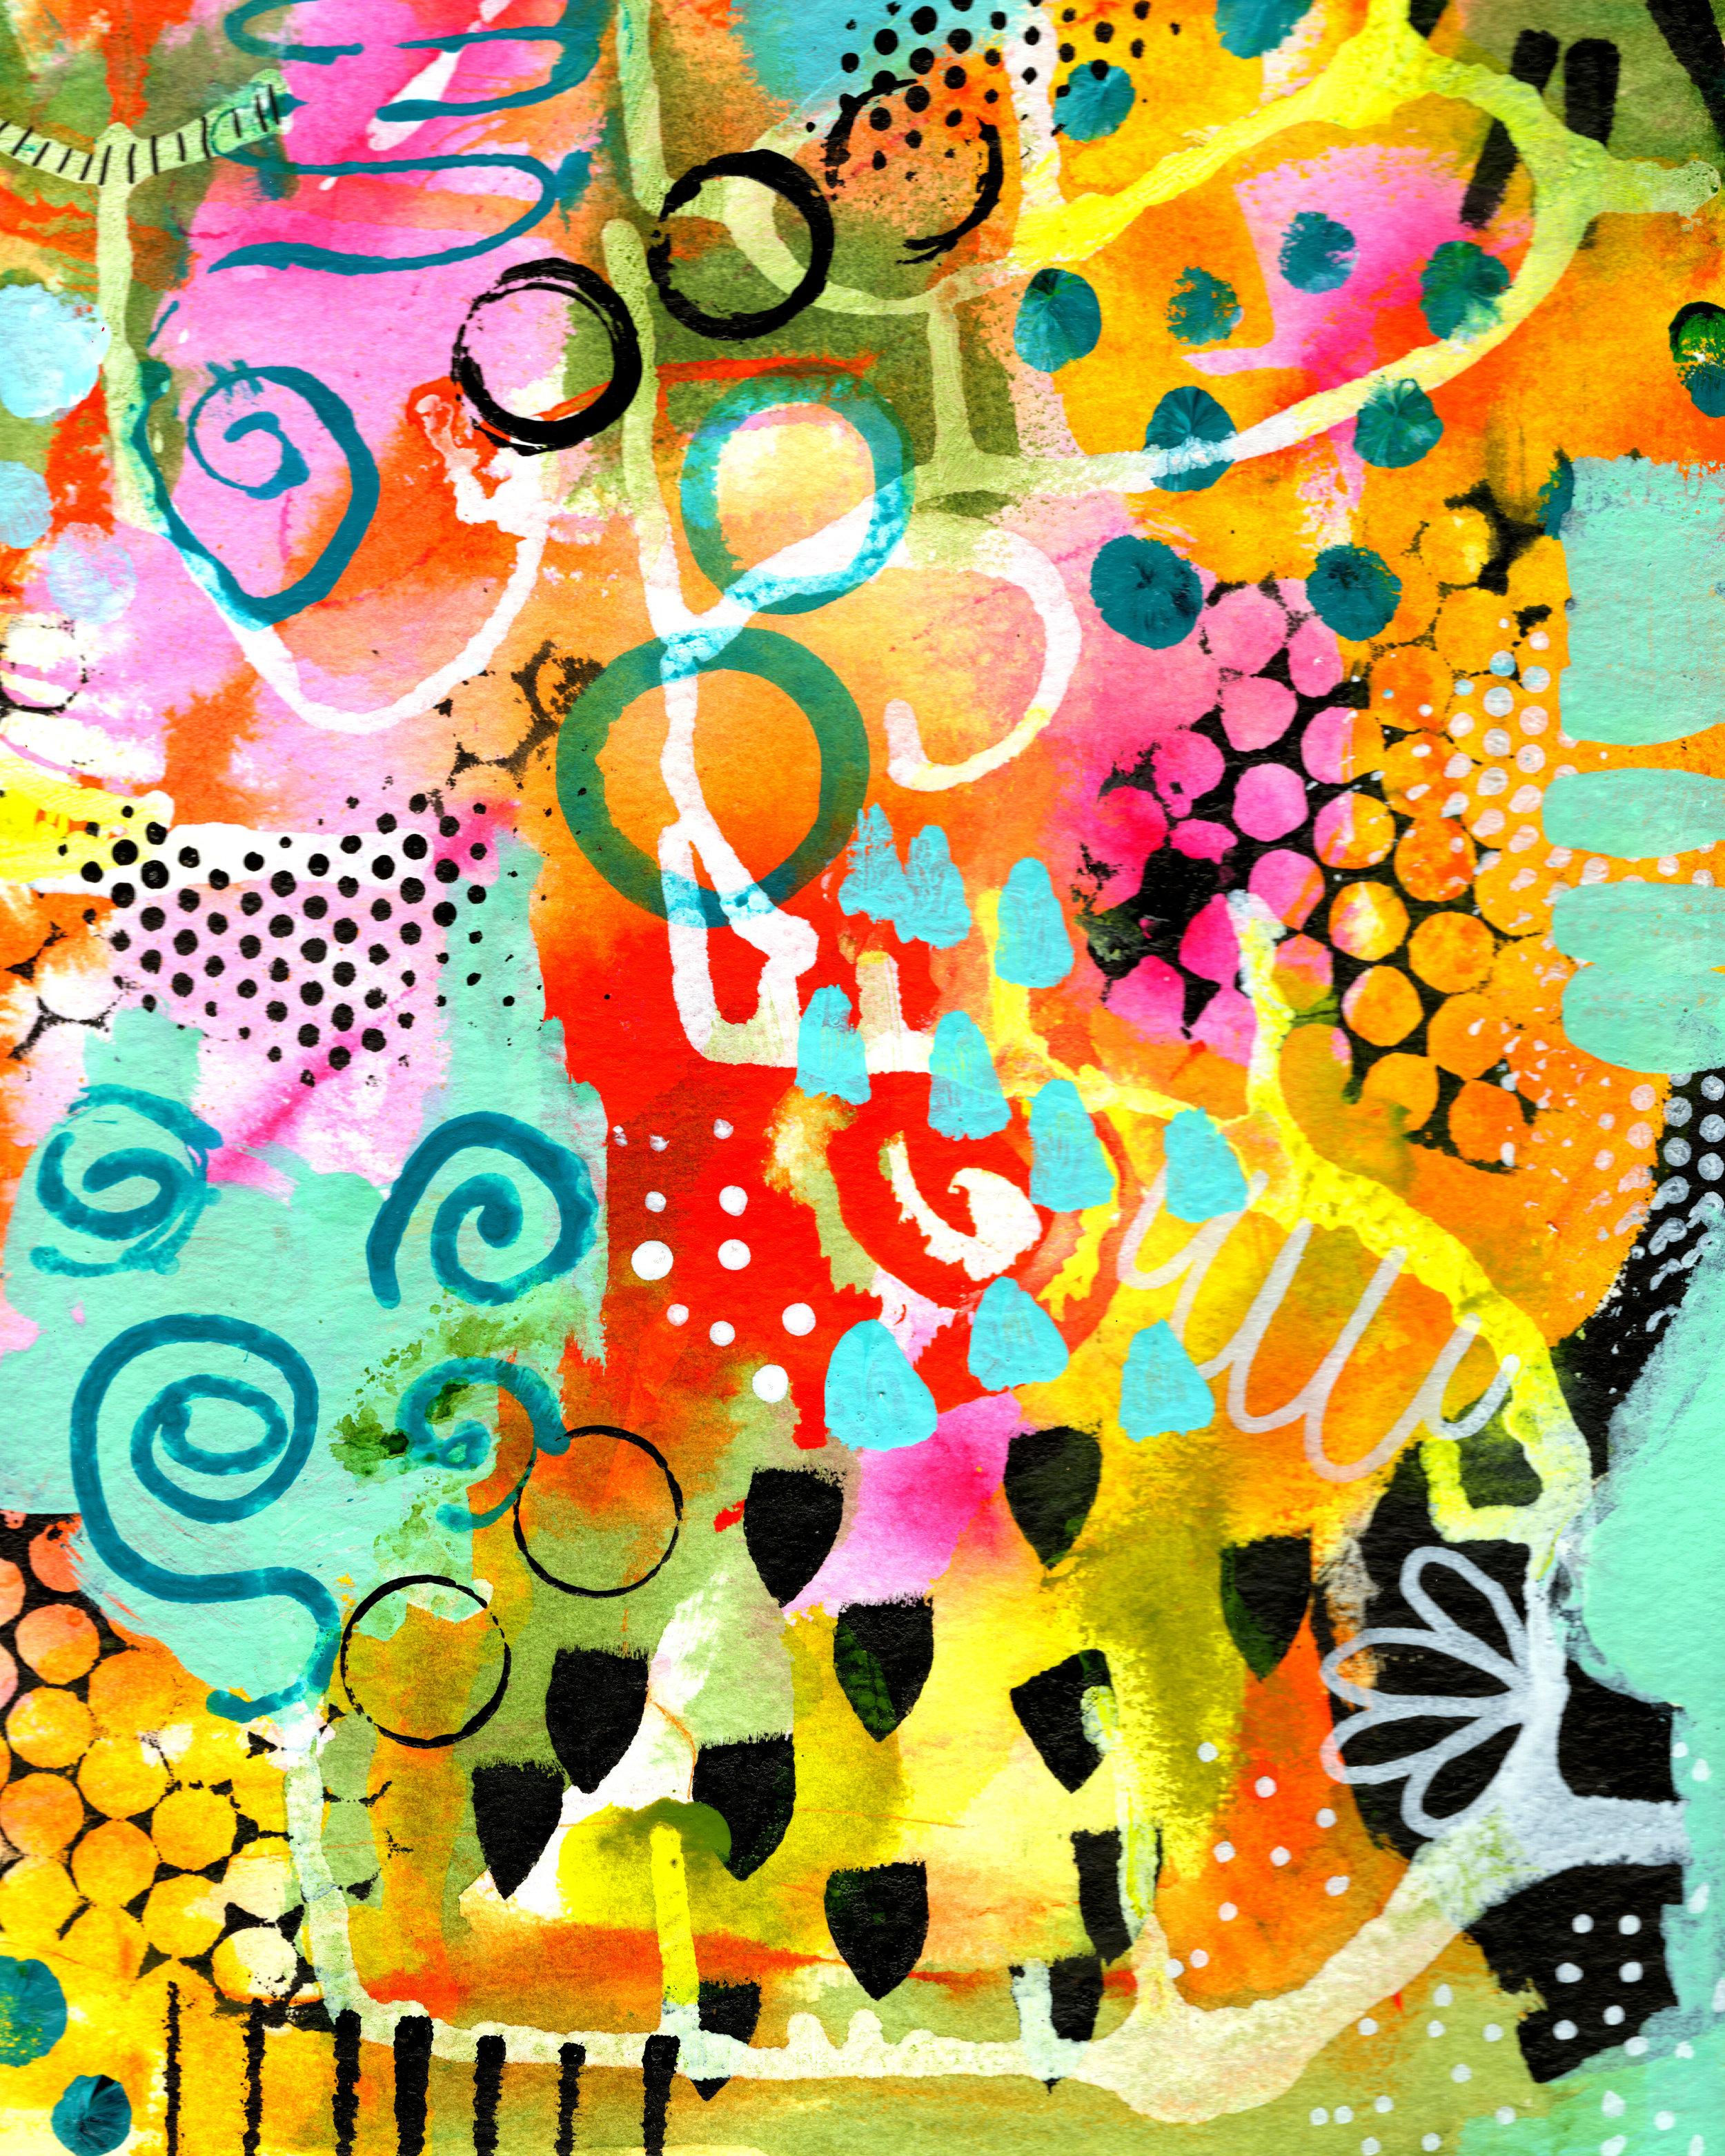 ColorSpashA8x10.jpg